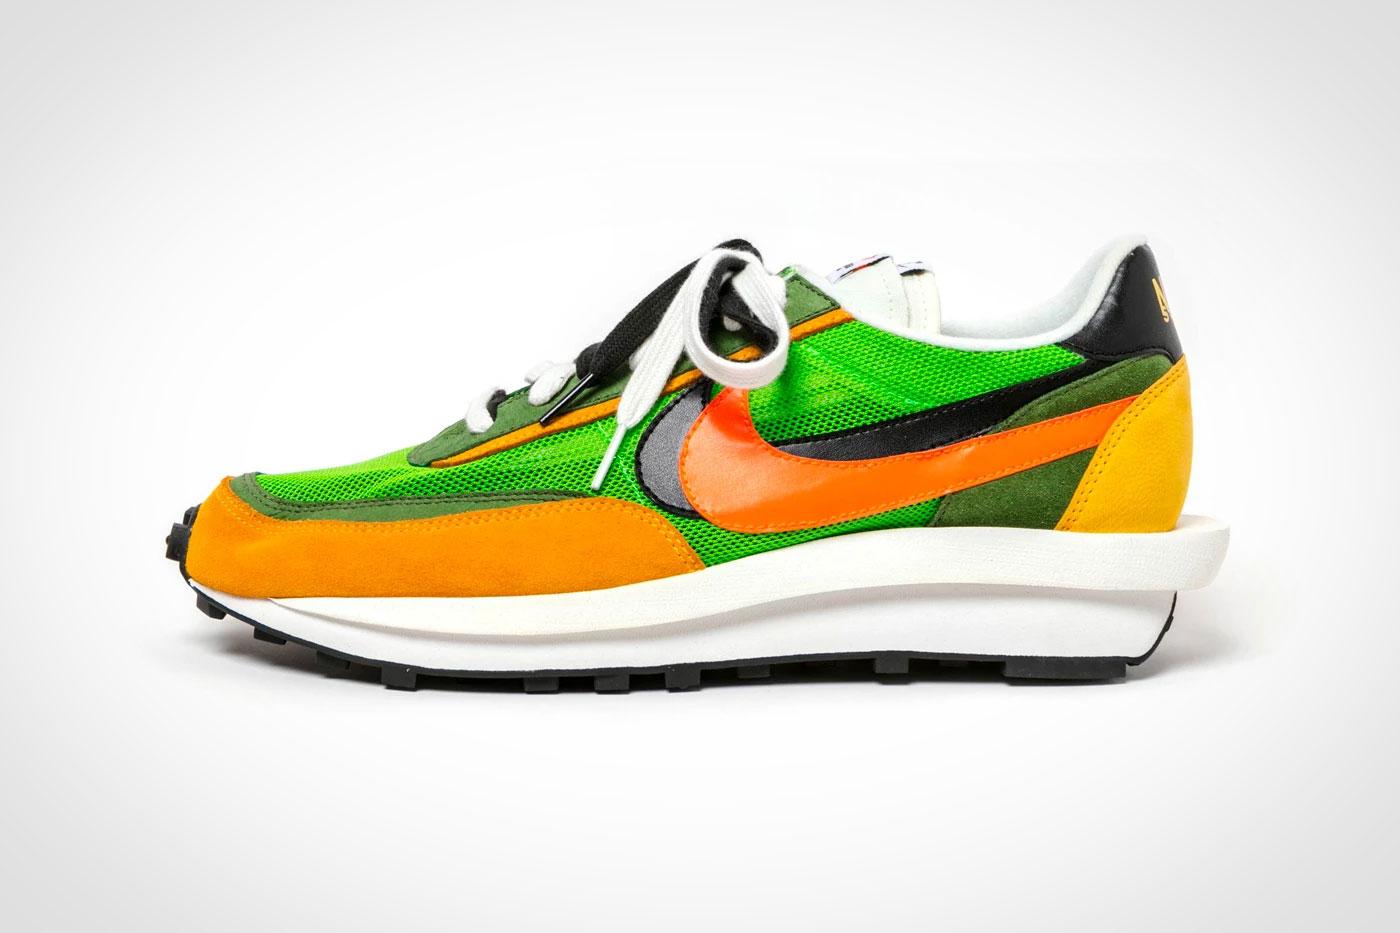 sacai x Nike LDV Waffle Daybreak (Green Gusto Black Varsity Maize Safety Orange) 1